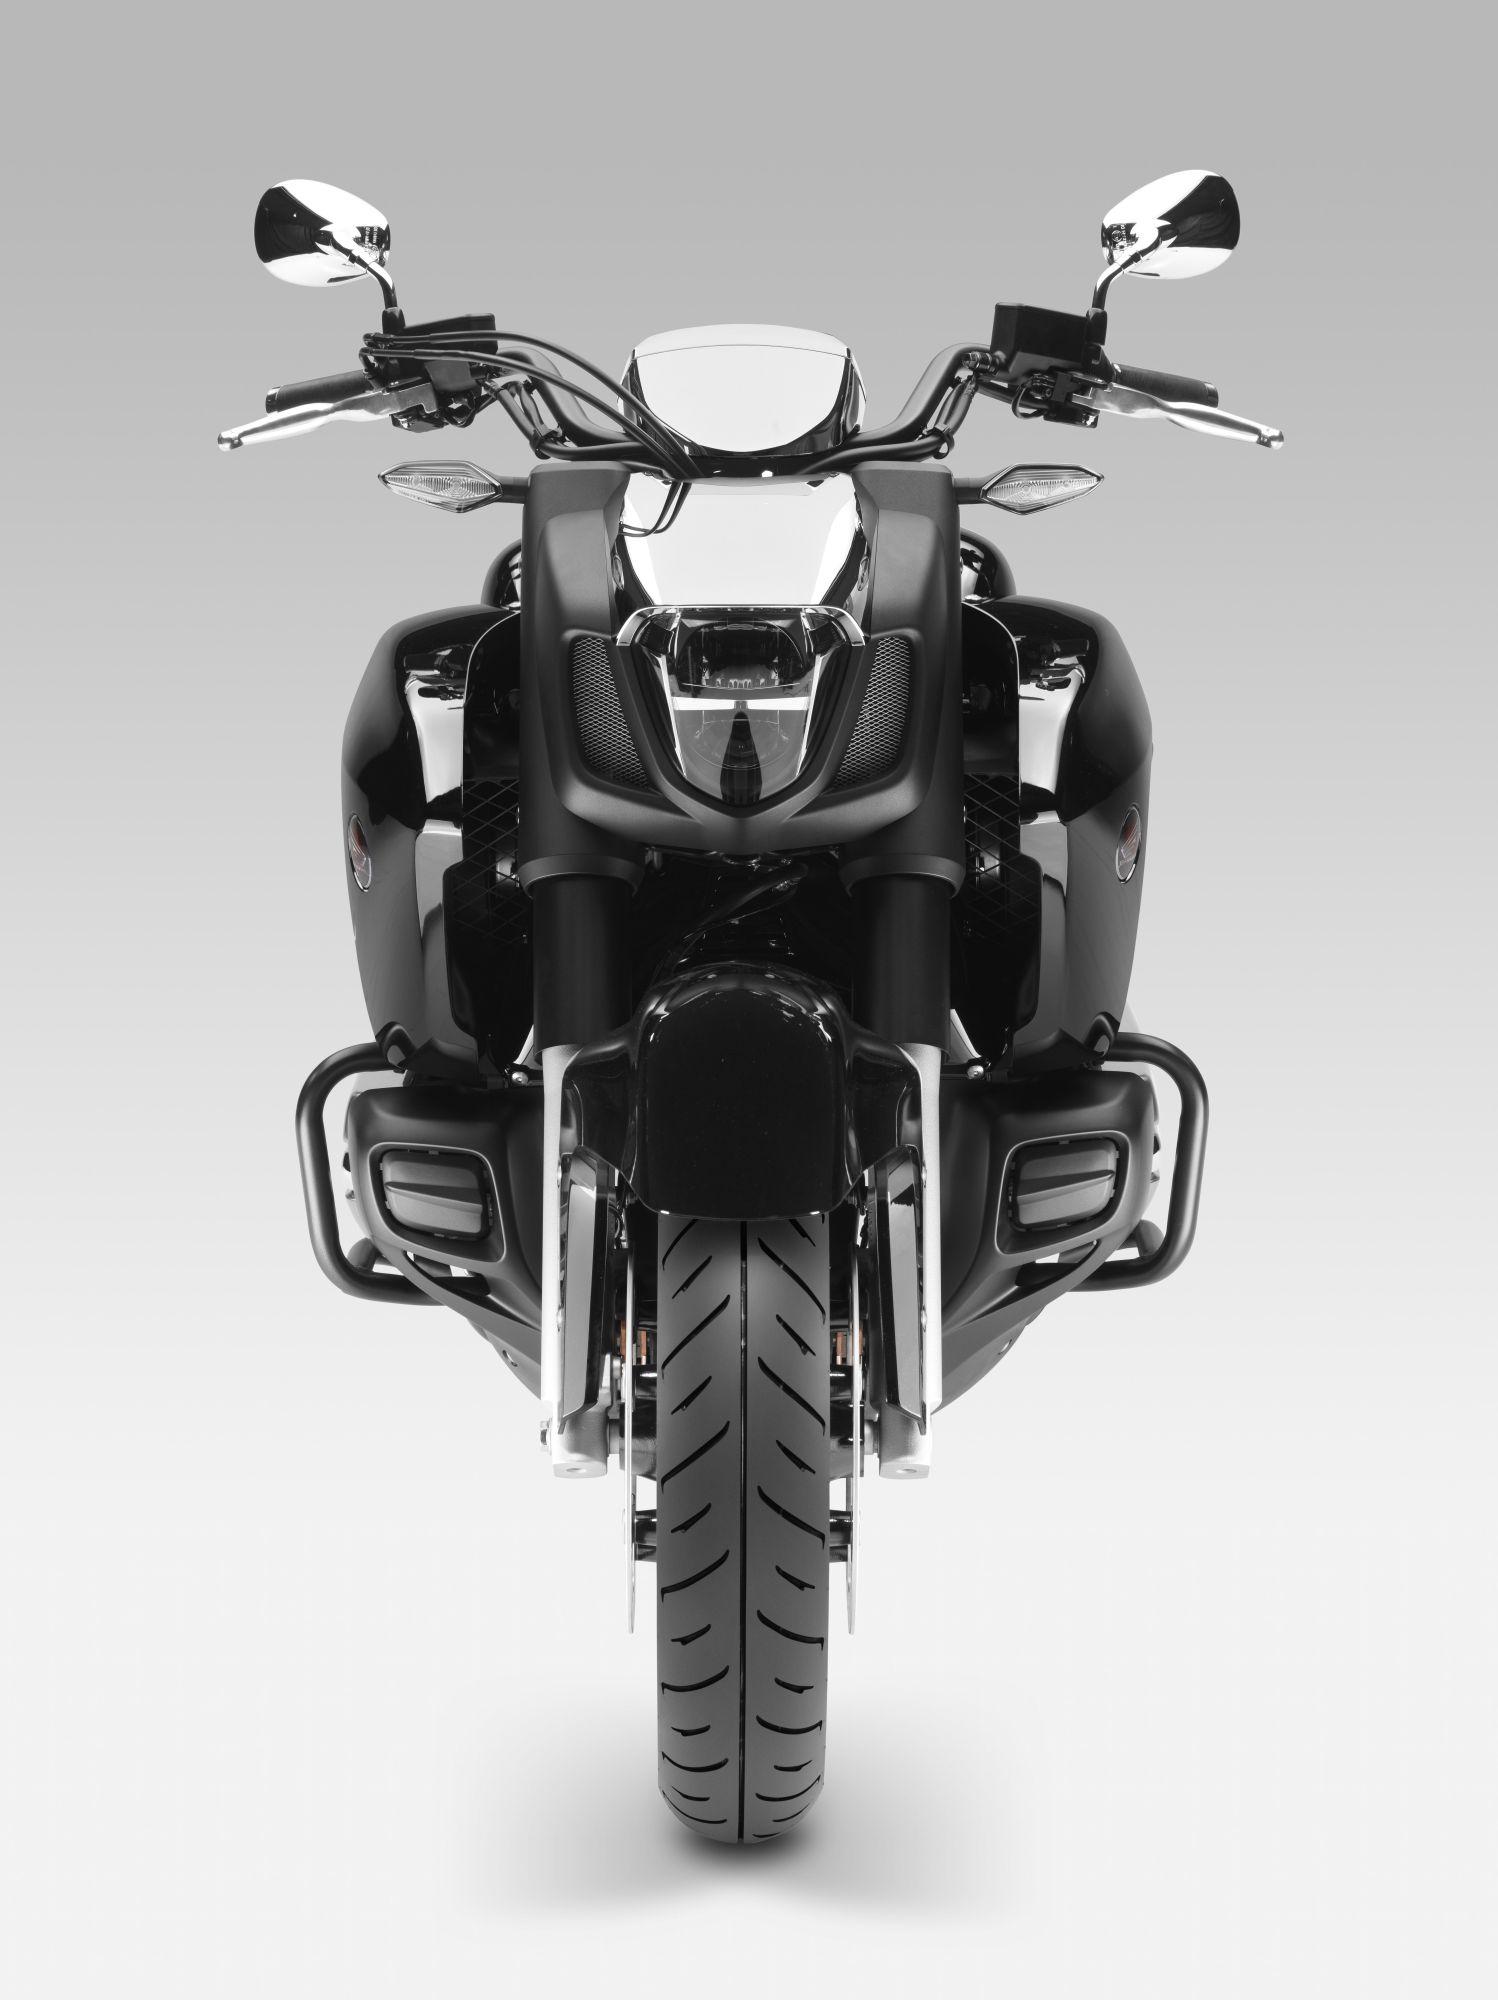 Gebrauchte Honda Gold Wing F6C Motorräder kaufen